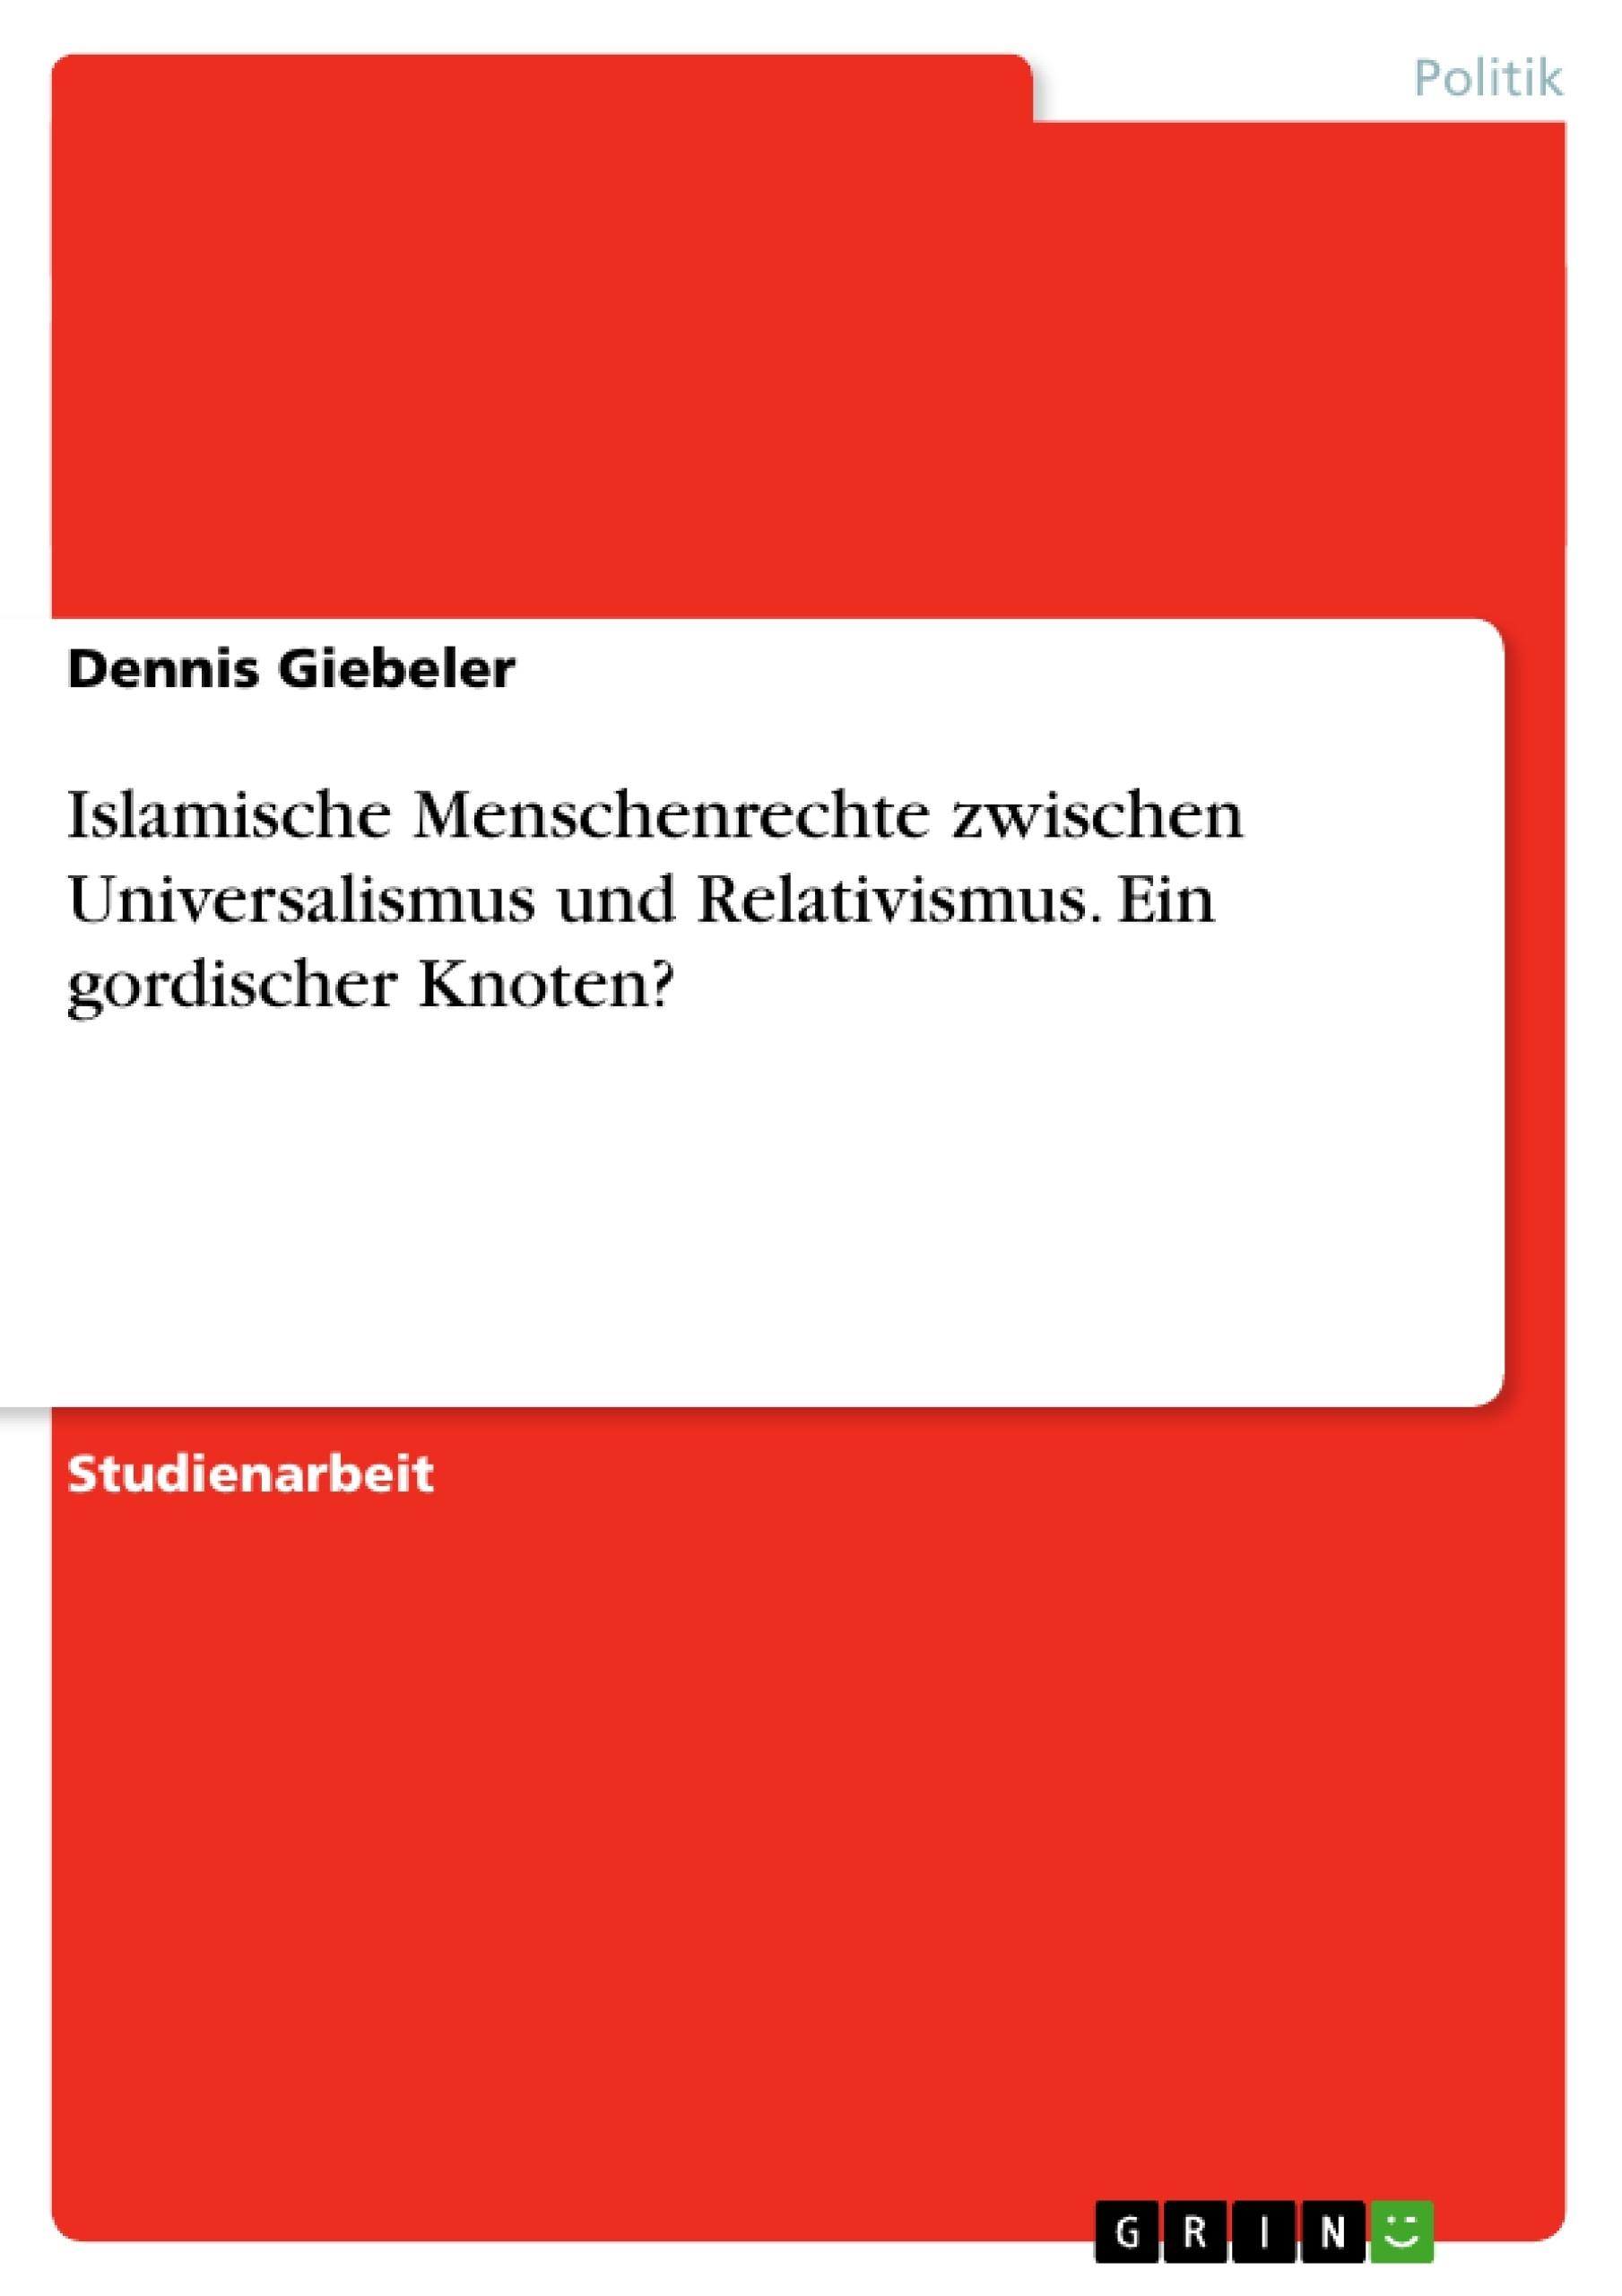 Titel: Islamische Menschenrechte zwischen Universalismus und Relativismus. Ein gordischer Knoten?